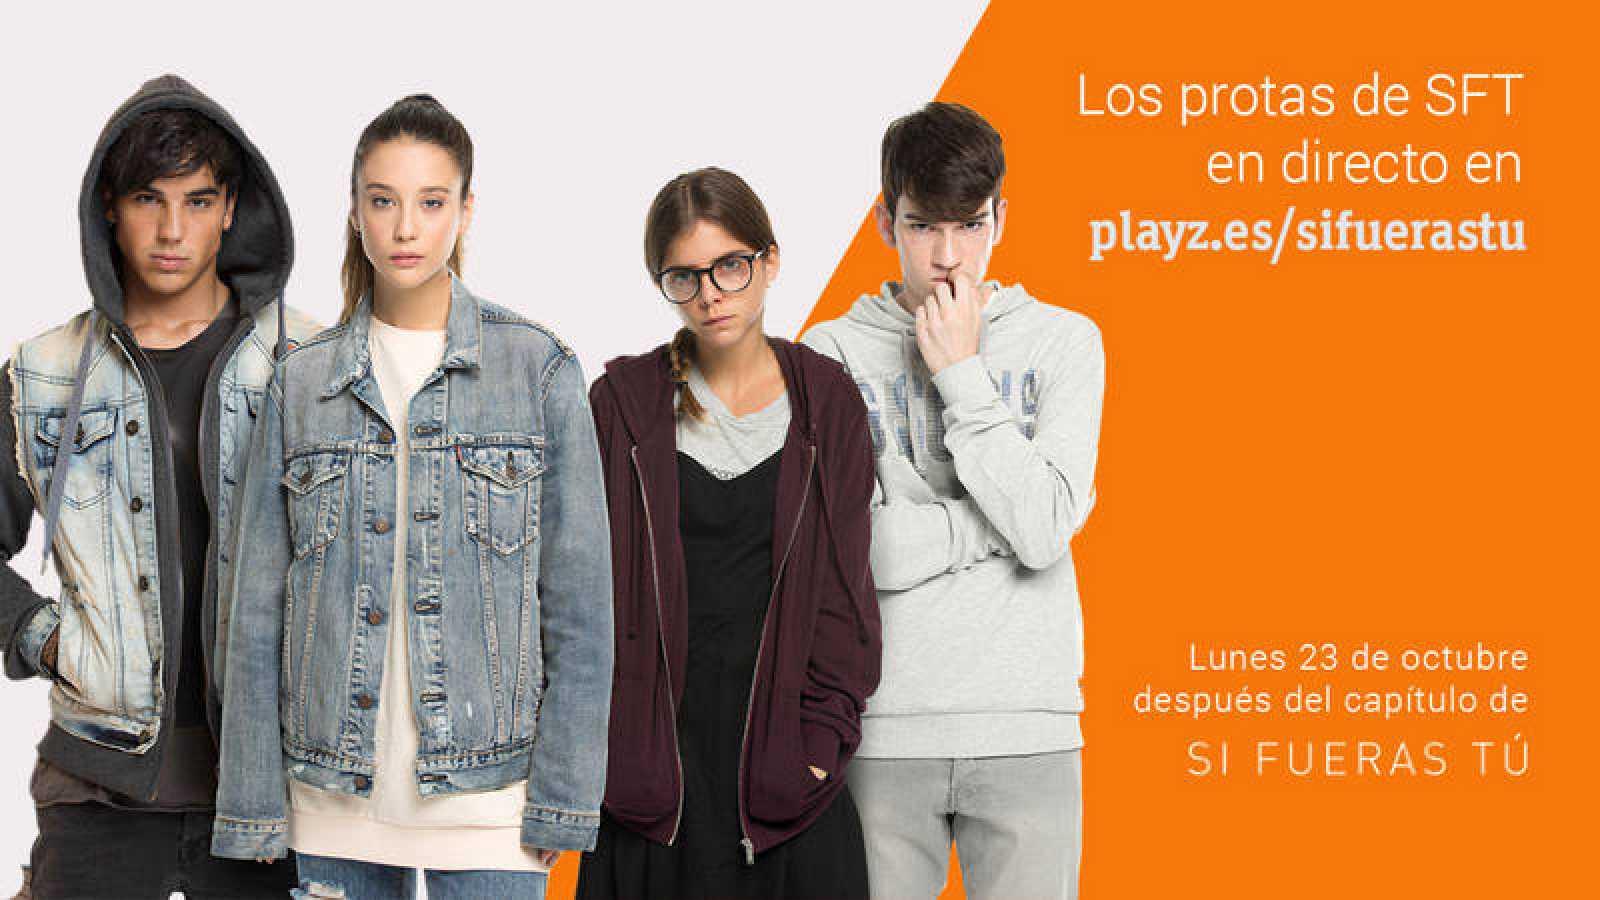 María Pedraza, Lucía Díez, Óscar Casas y Jorge Motos, los invitados del videoencuentro